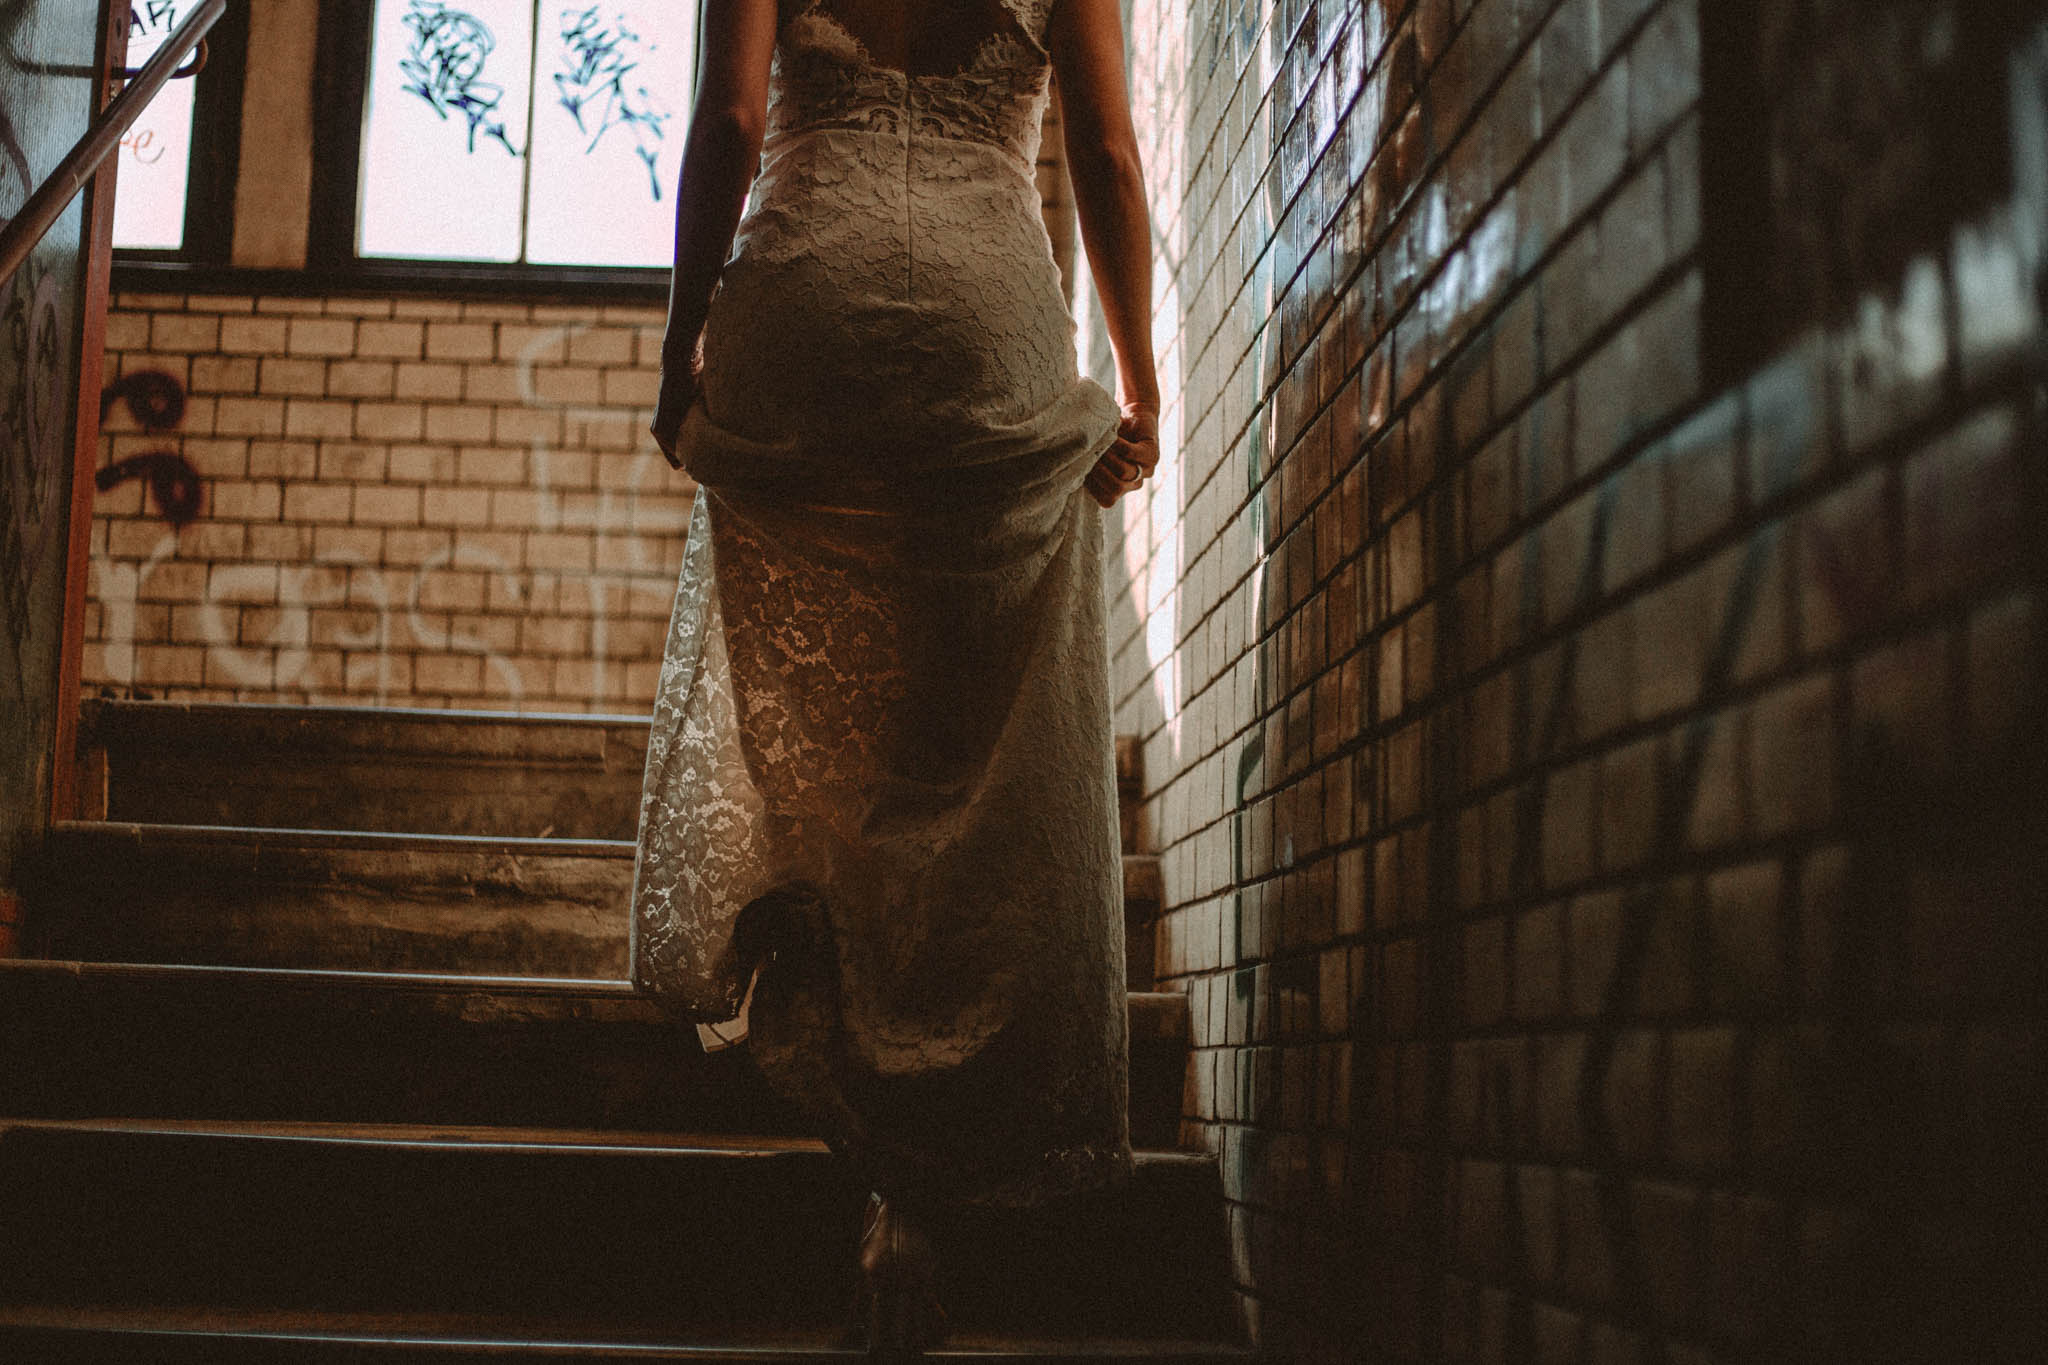 Hochzeit_in_Fabrik23_nhow_7694